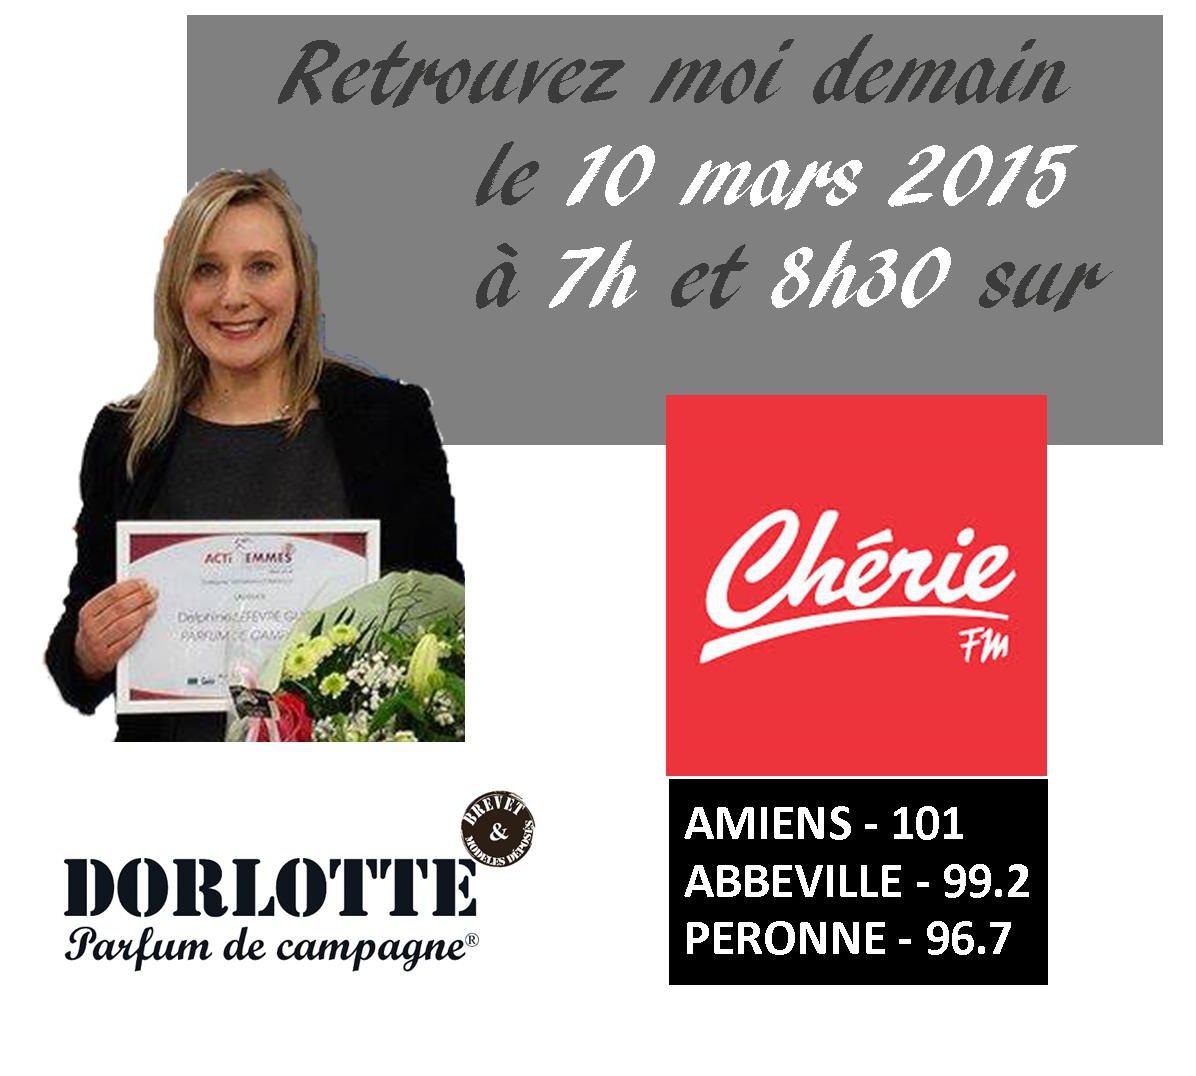 La créatrice de Dorlotte témoigne sur l'entrepreneuriat au féminin sur Chérie FM